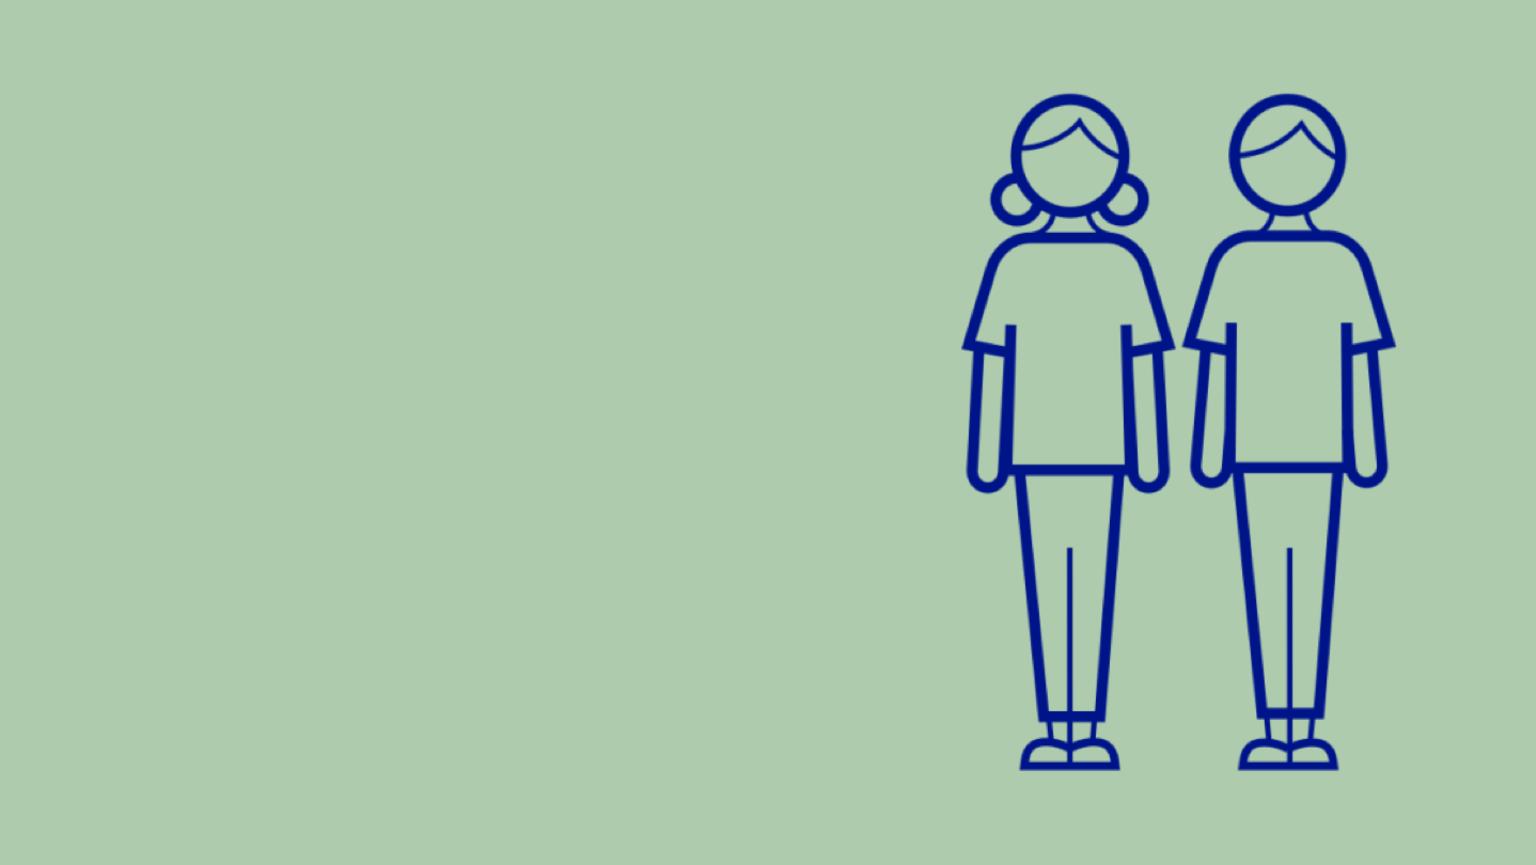 Illustration av två personer som står väldigt nära varandra till vänster i bild.